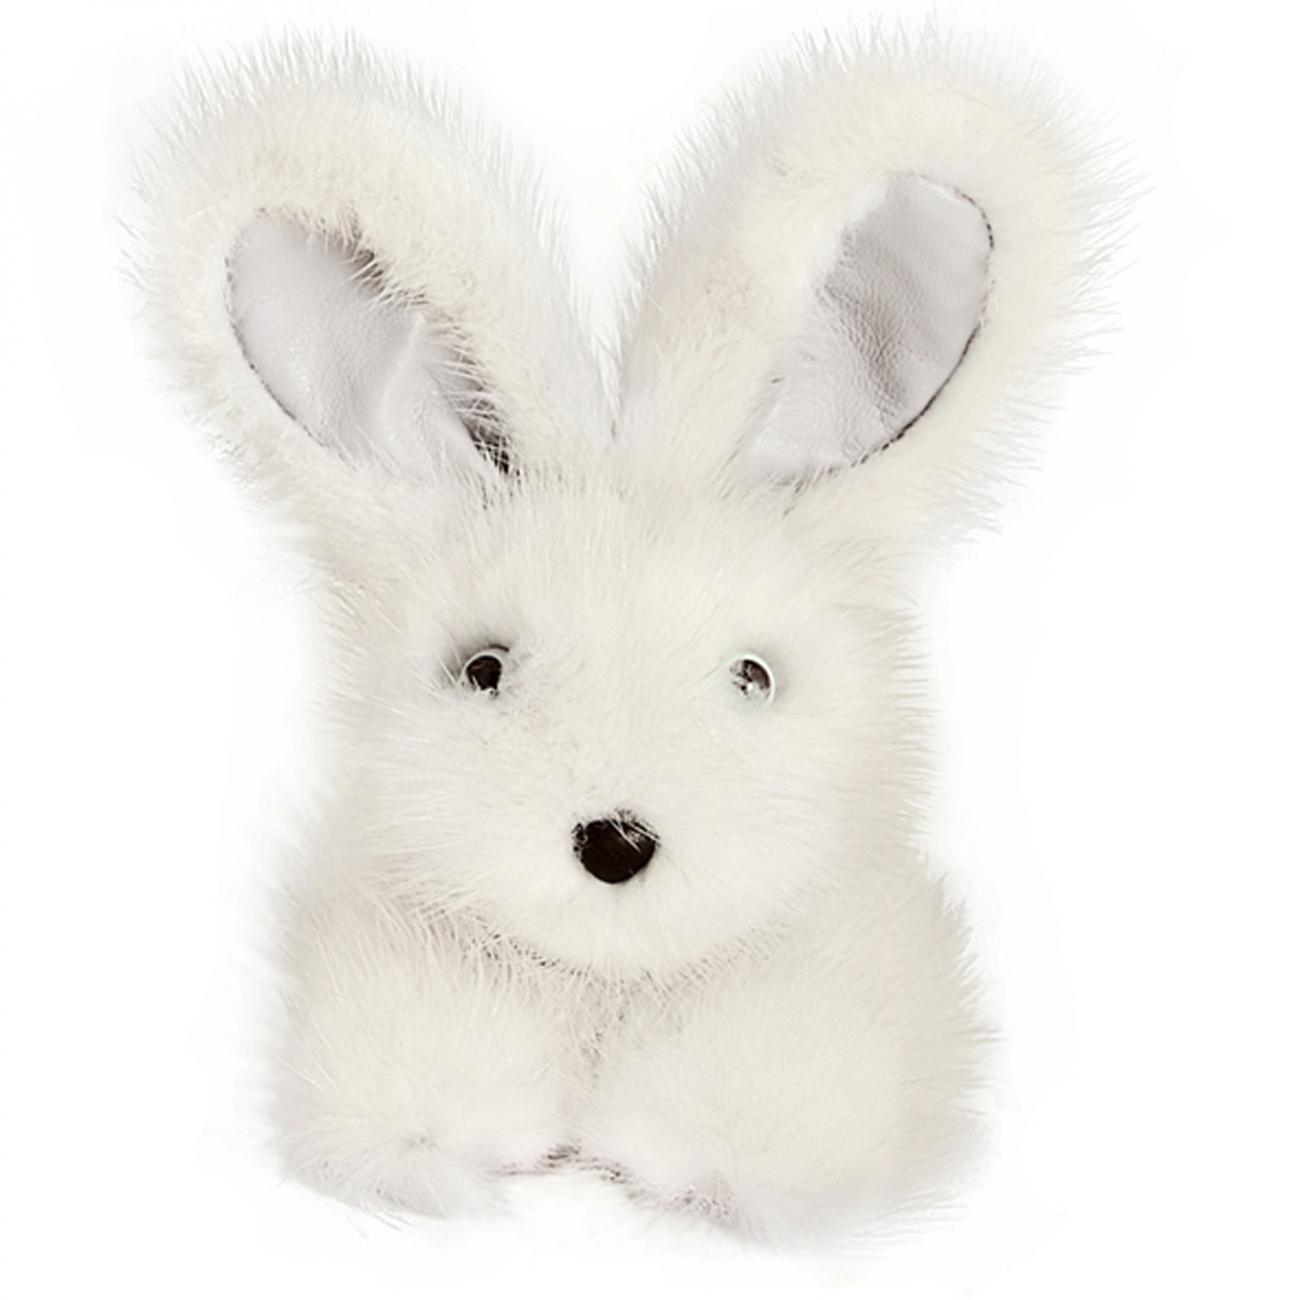 Купить Игрушка Зайчик (белый) натуральный мех норки в интернет магазине дизайнерской мебели и аксессуаров для дома и дачи